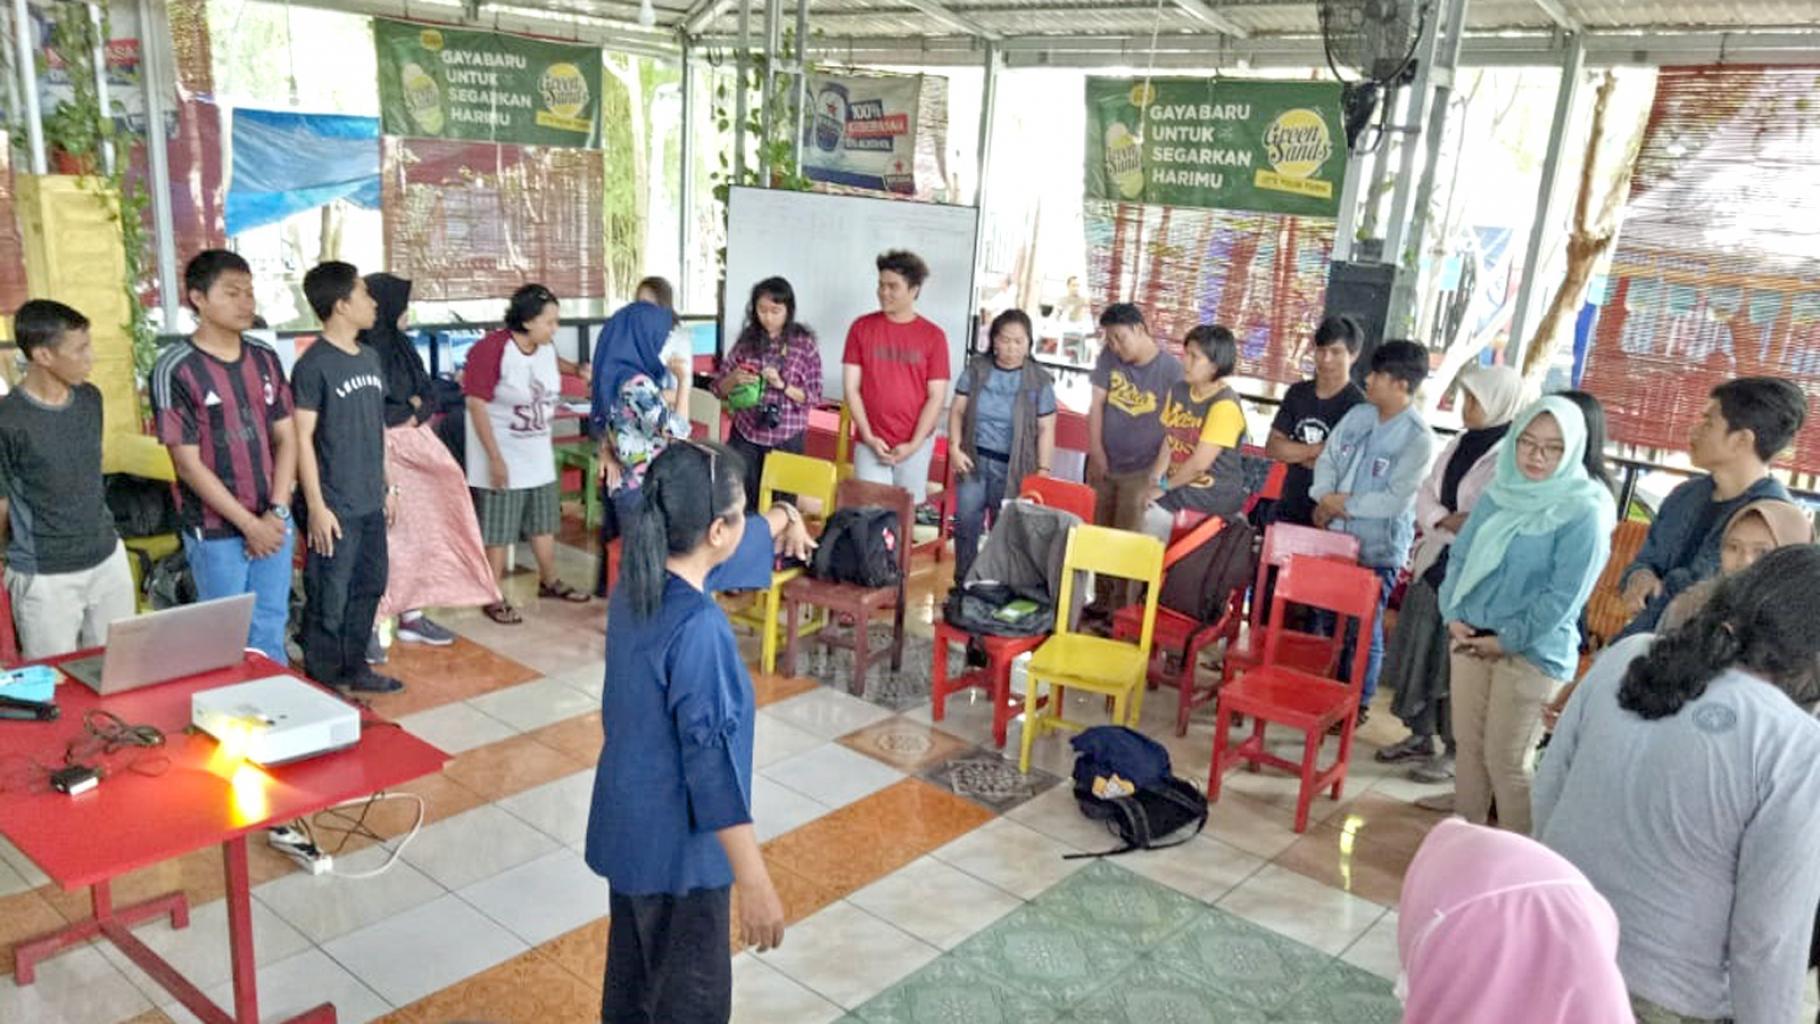 Cahyanti B Ratri bei der Durchführung eines Safeguarding-Trainings in Indonesien